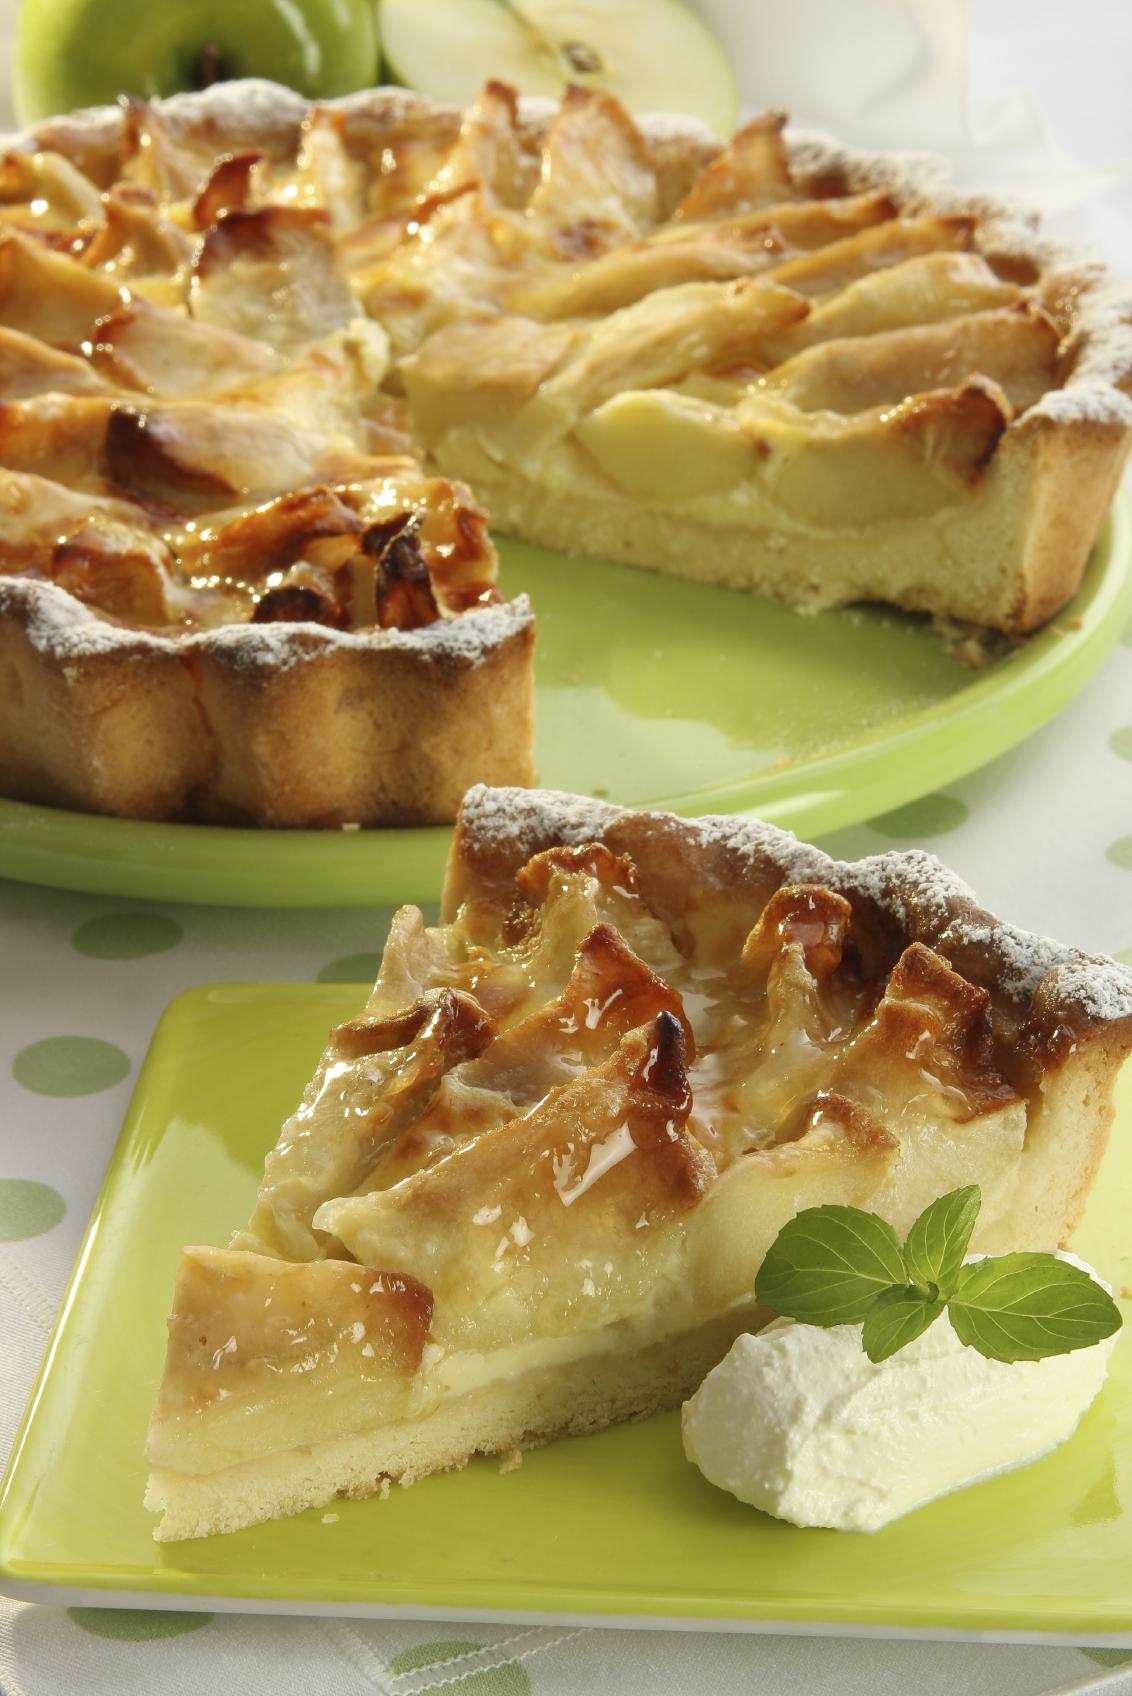 Tarta de manzana (con mermelada de melocotón)